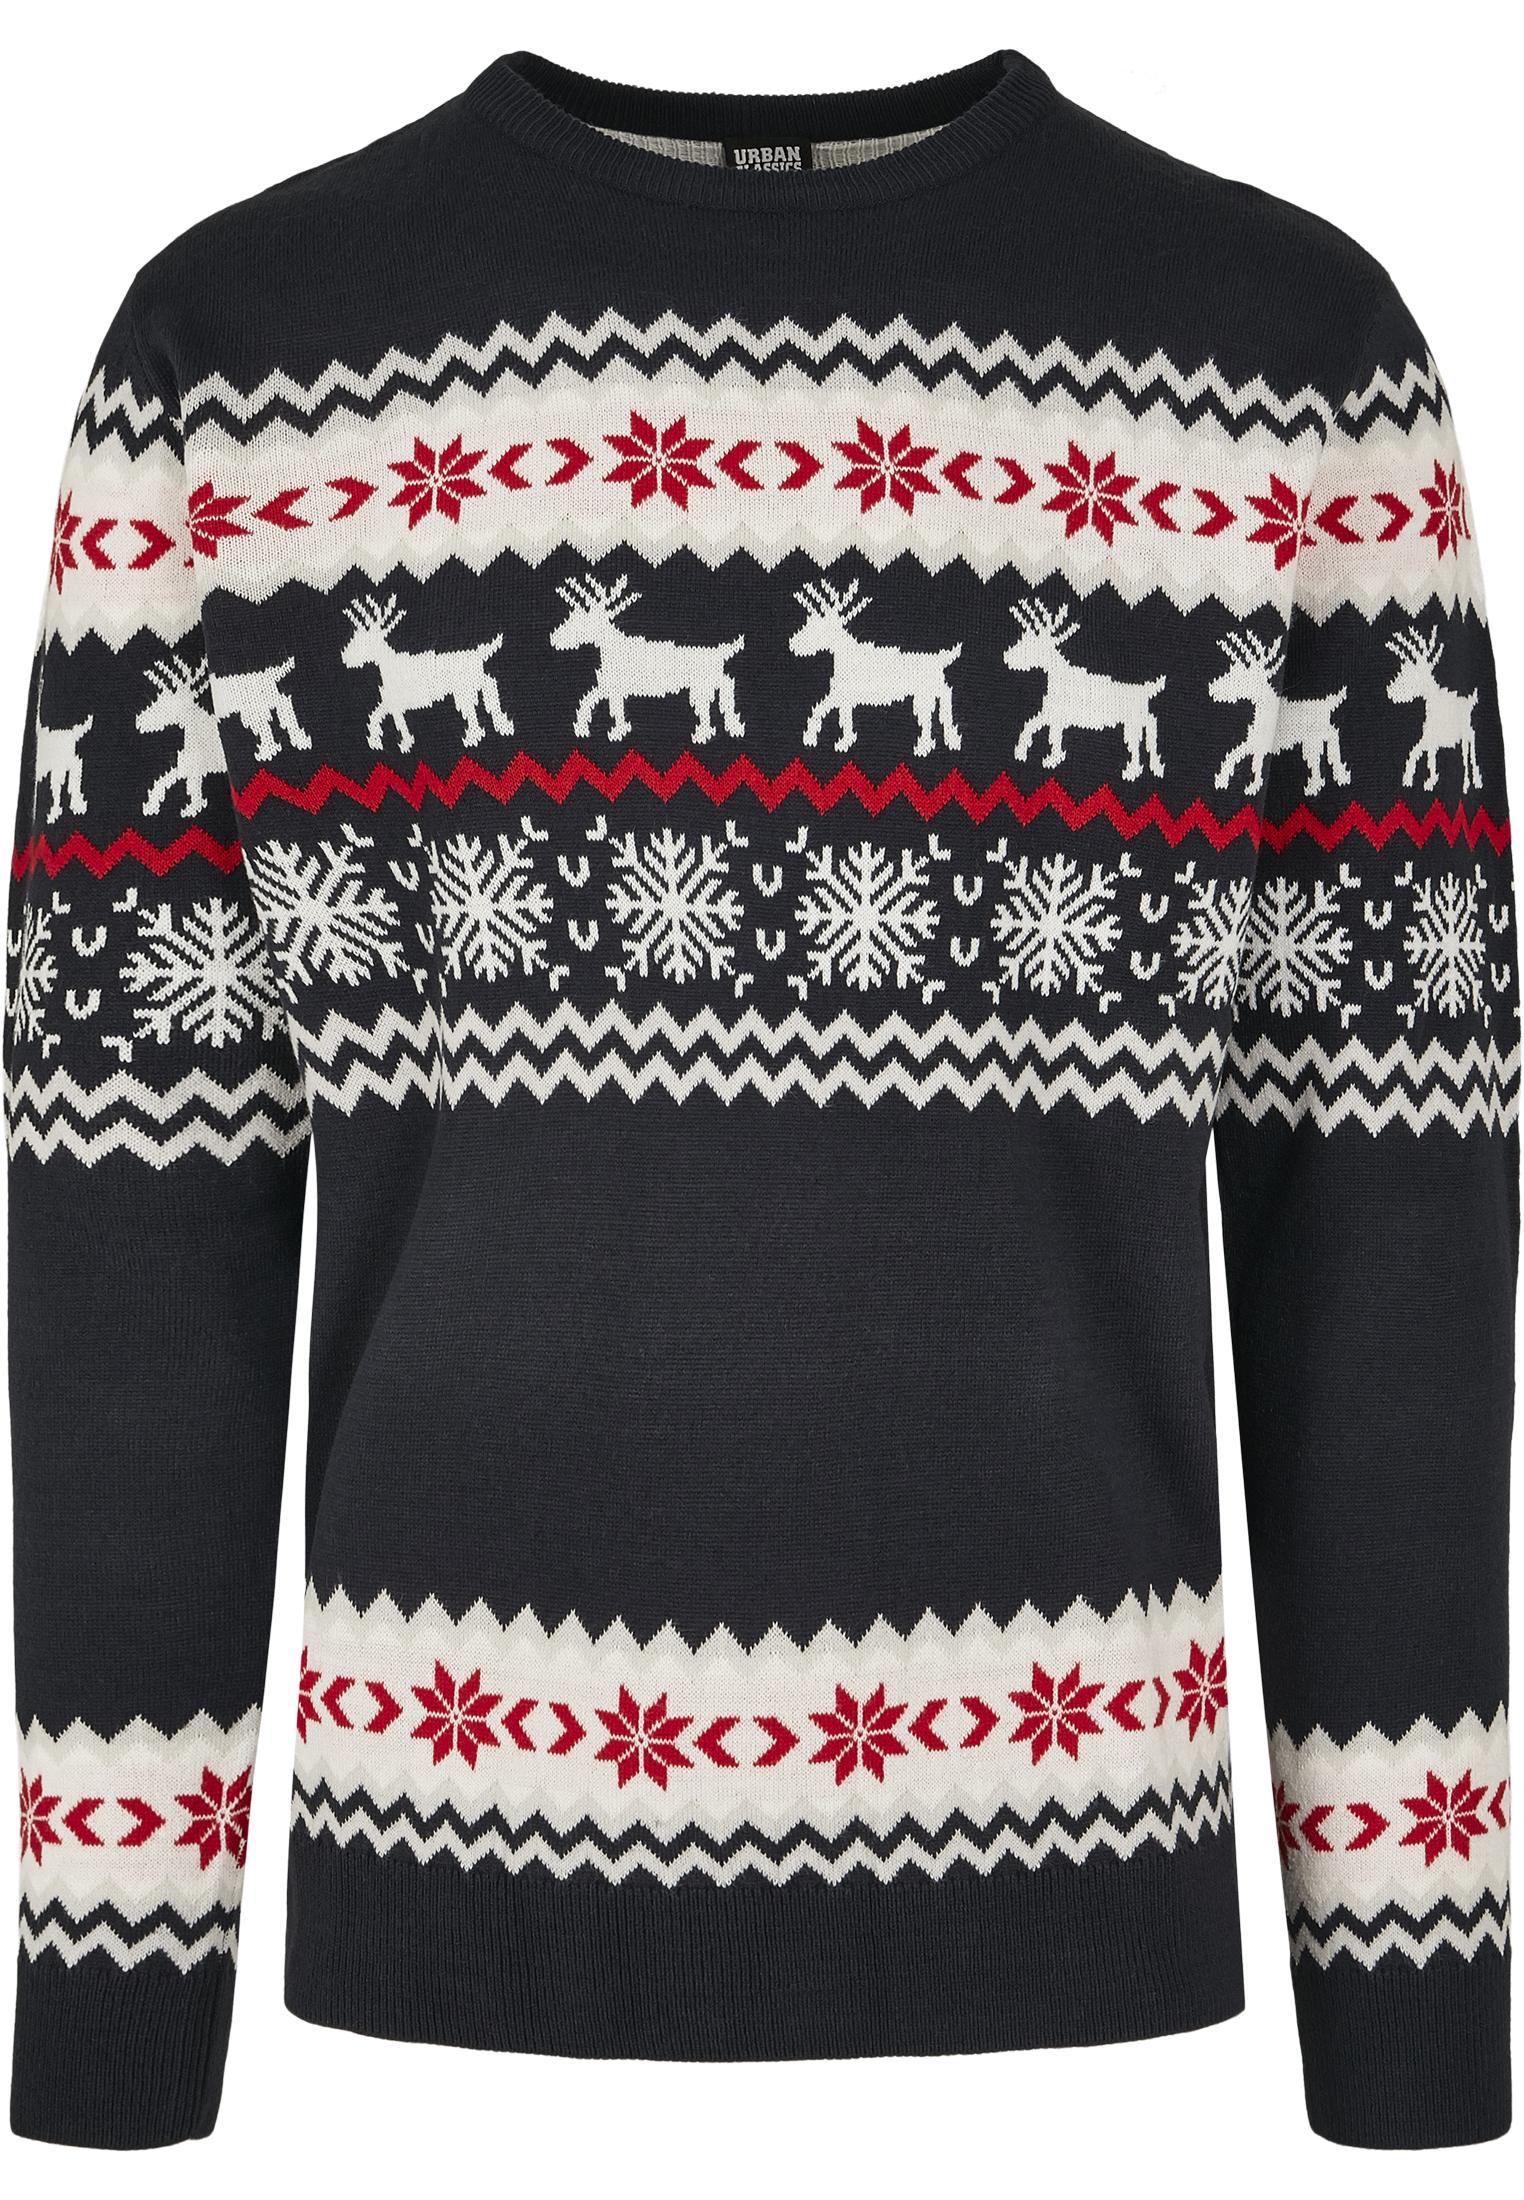 Dzień Świątecznego swetra.